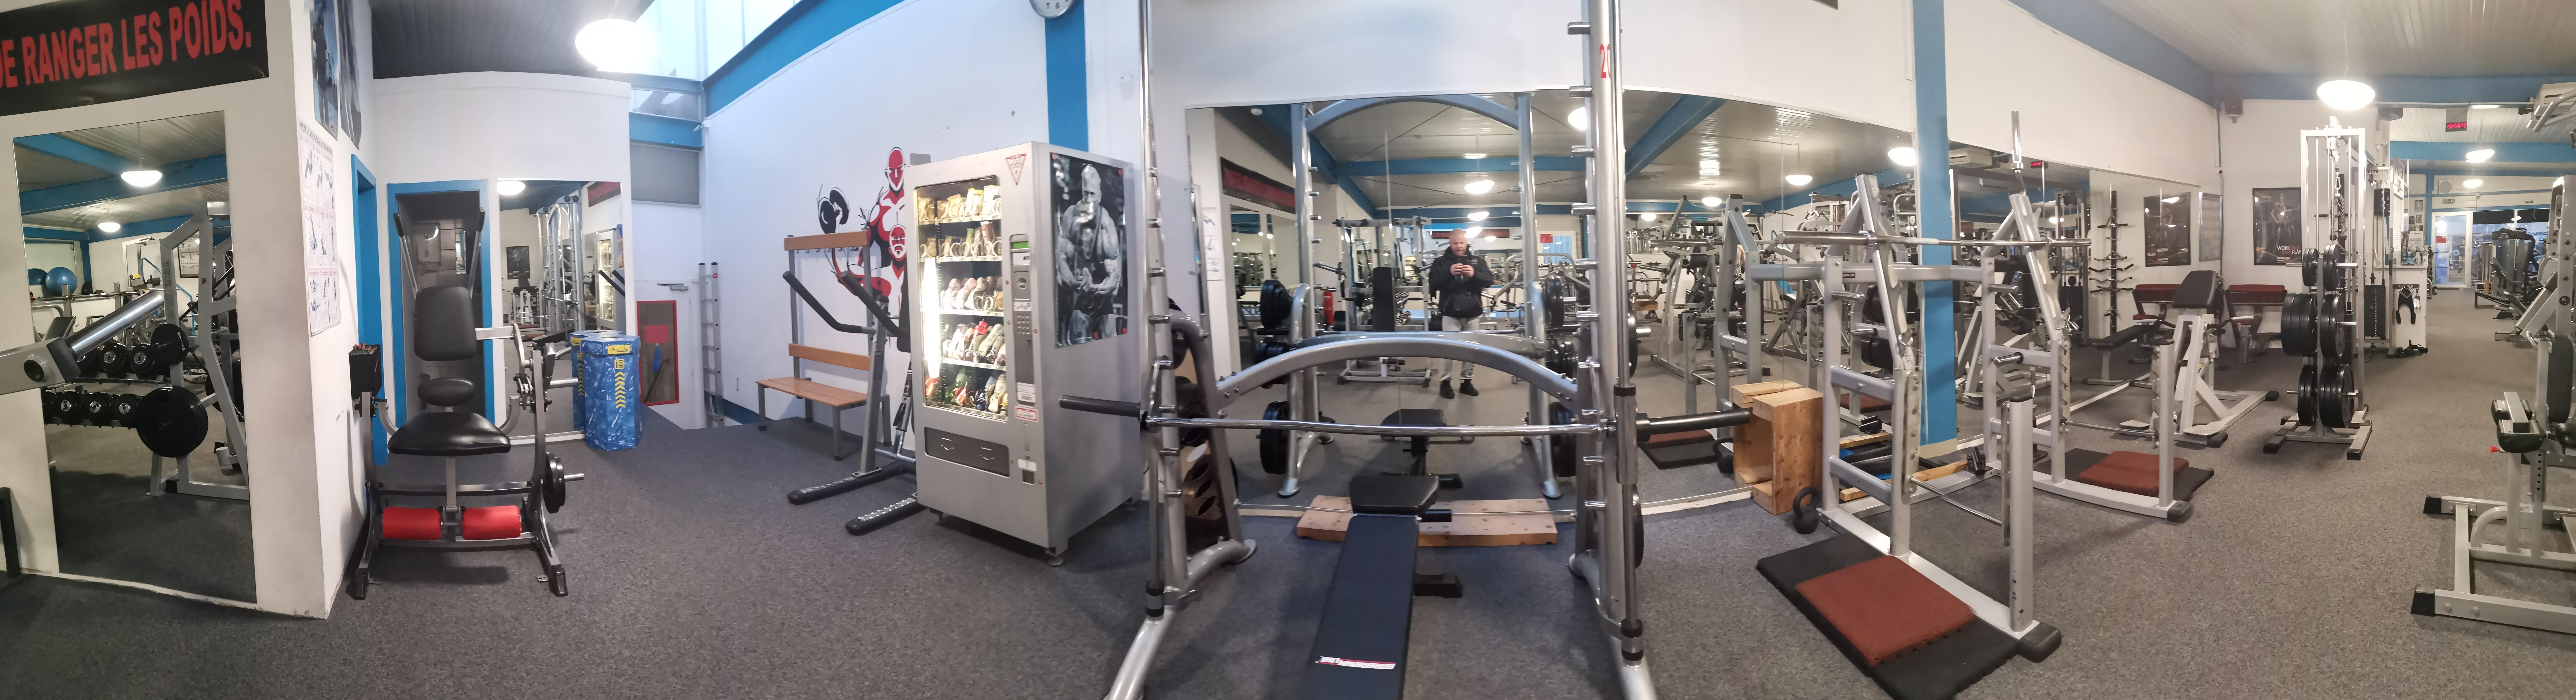 XPlode Fitness